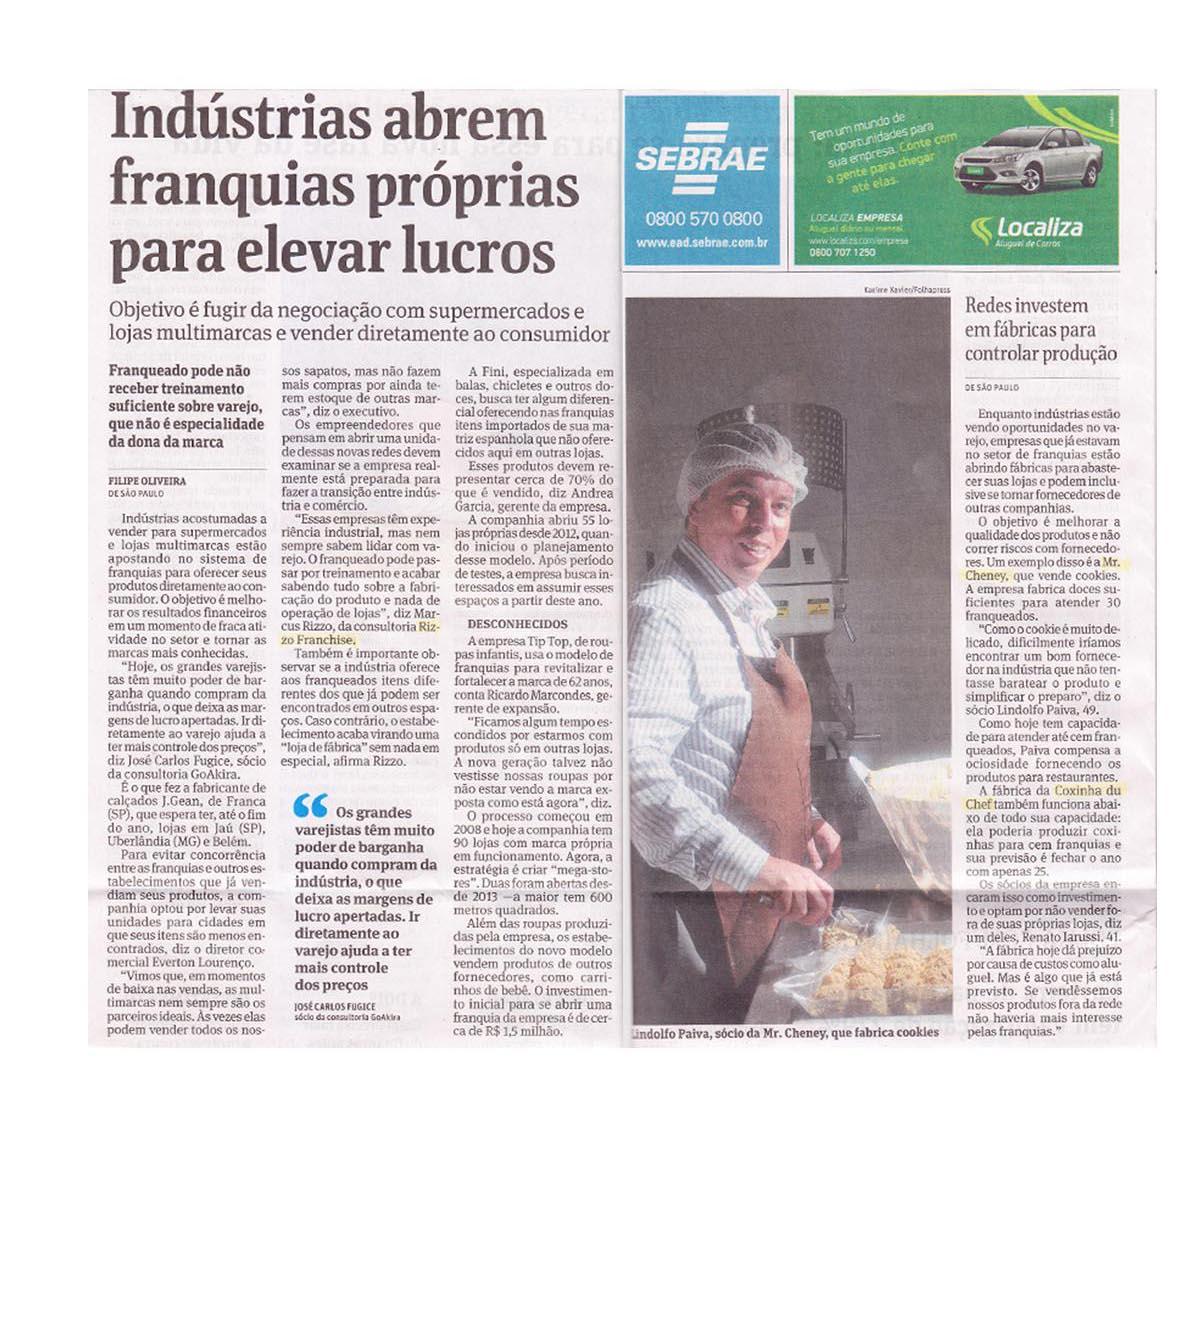 Folha de São Paulo 08/2014